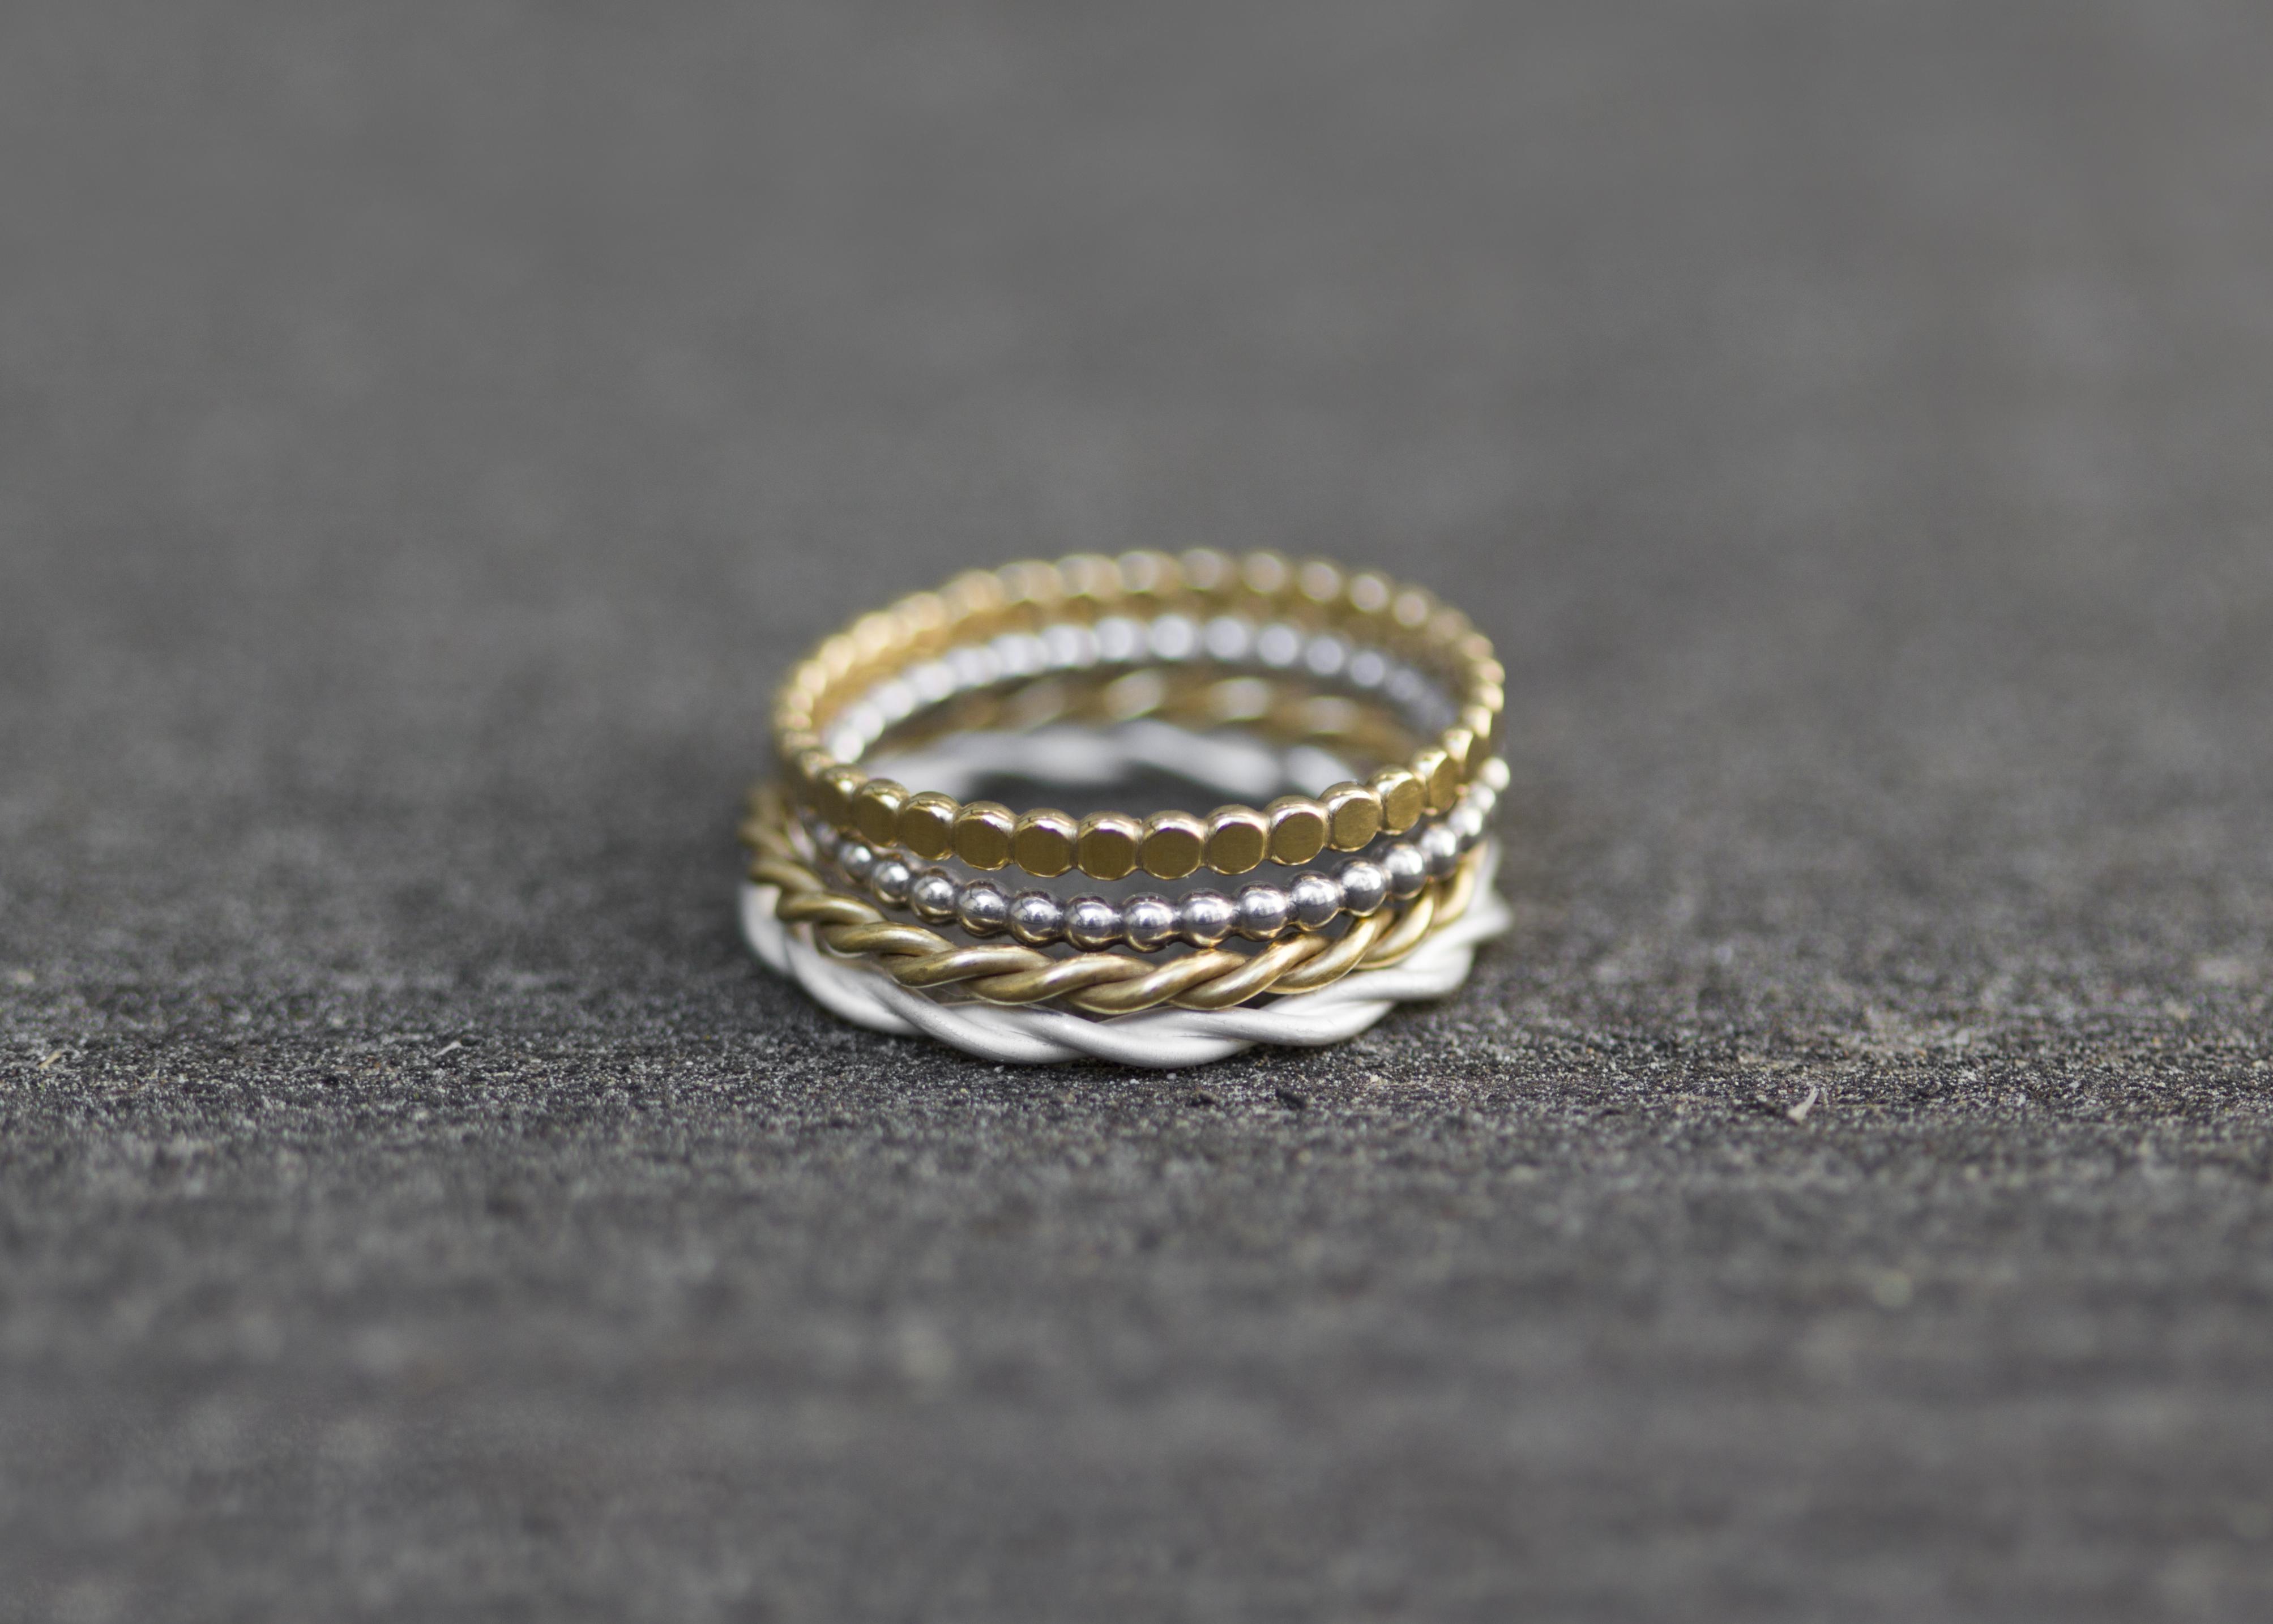 Feine Stapelringe - Gold/Silber